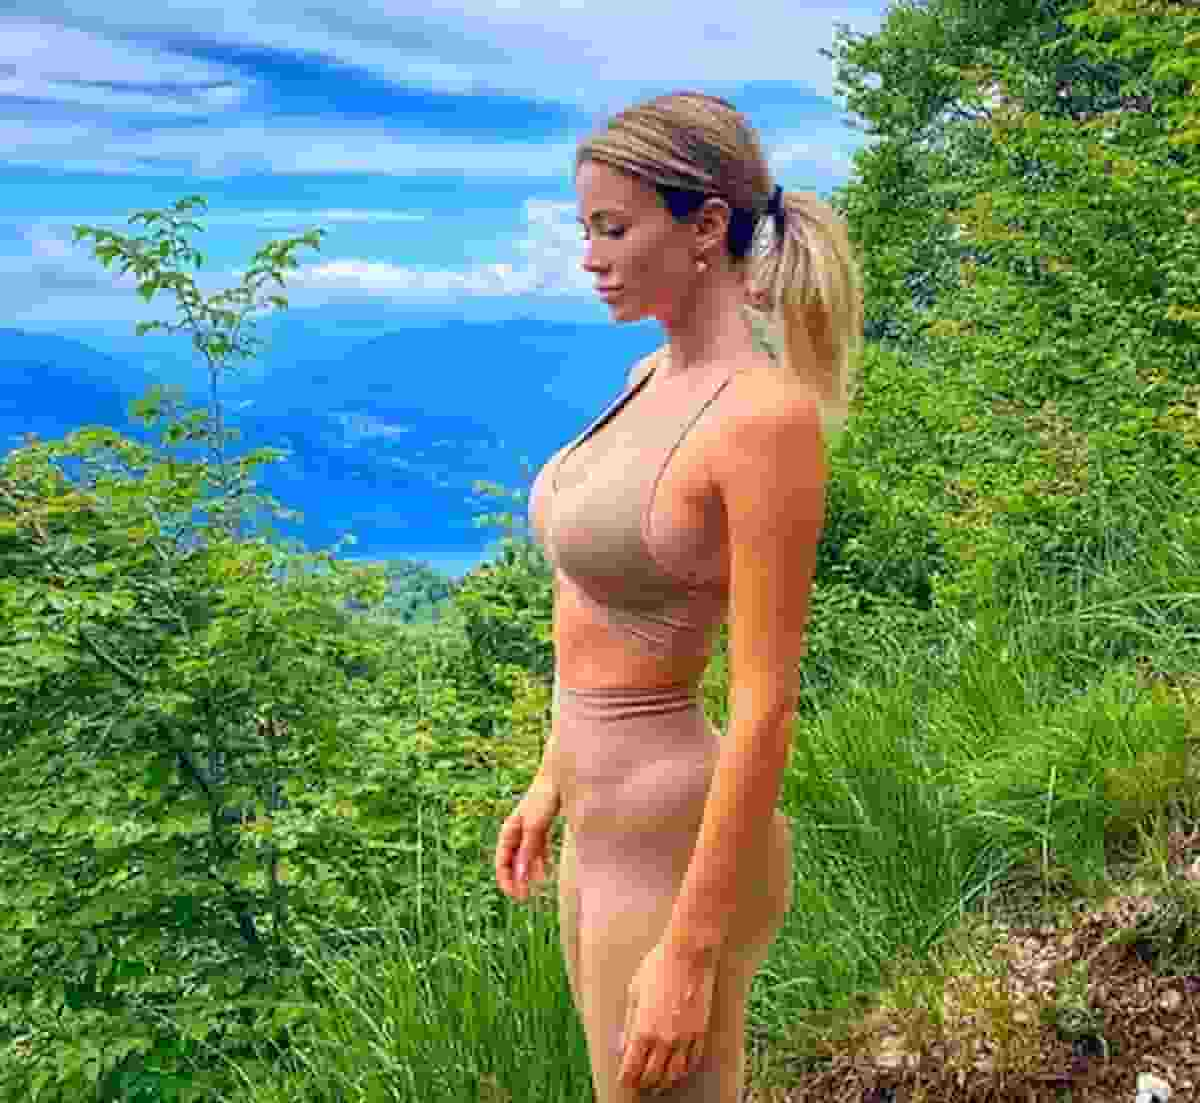 Diletta Leotta in montagna, il nude look fa impazzire i follower